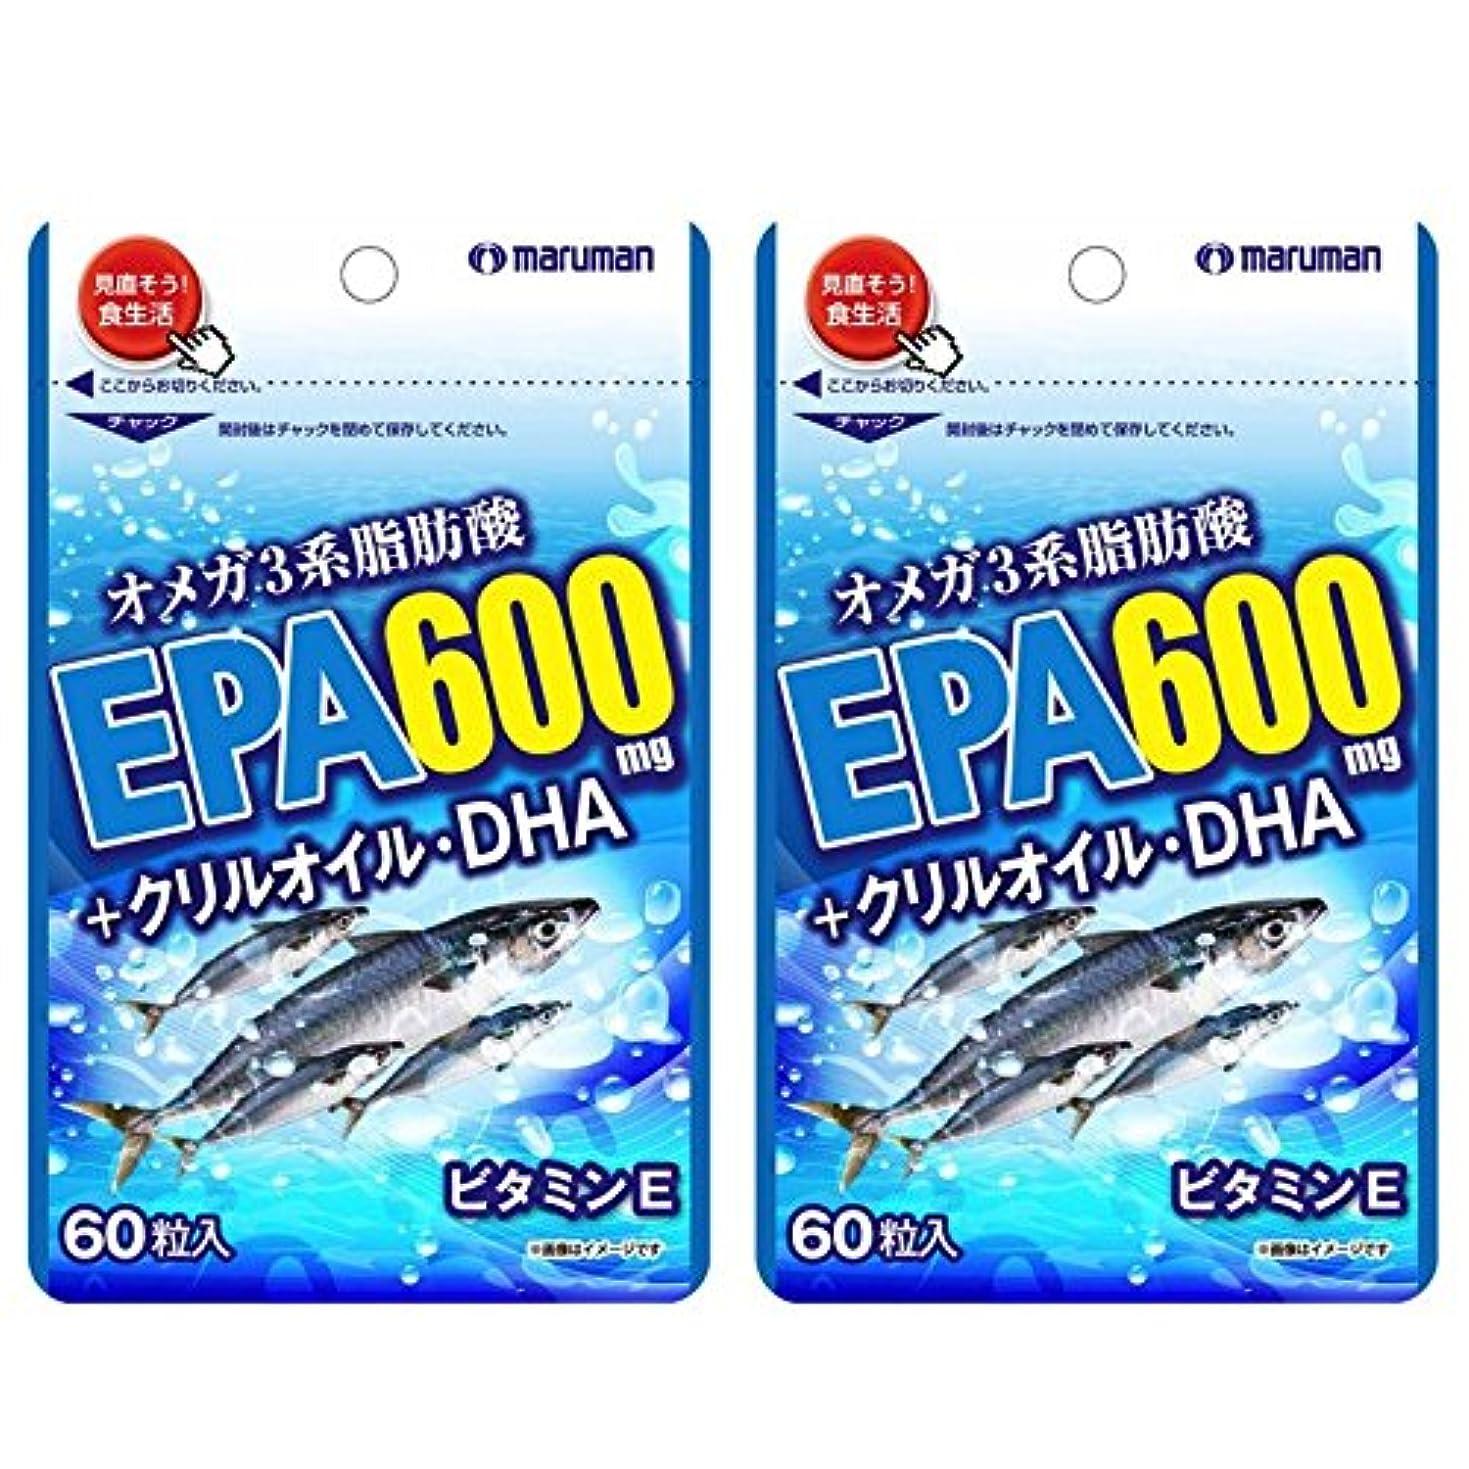 風景サポート足マルマン オメガ3系脂肪酸 EPA600 60粒 2個セット